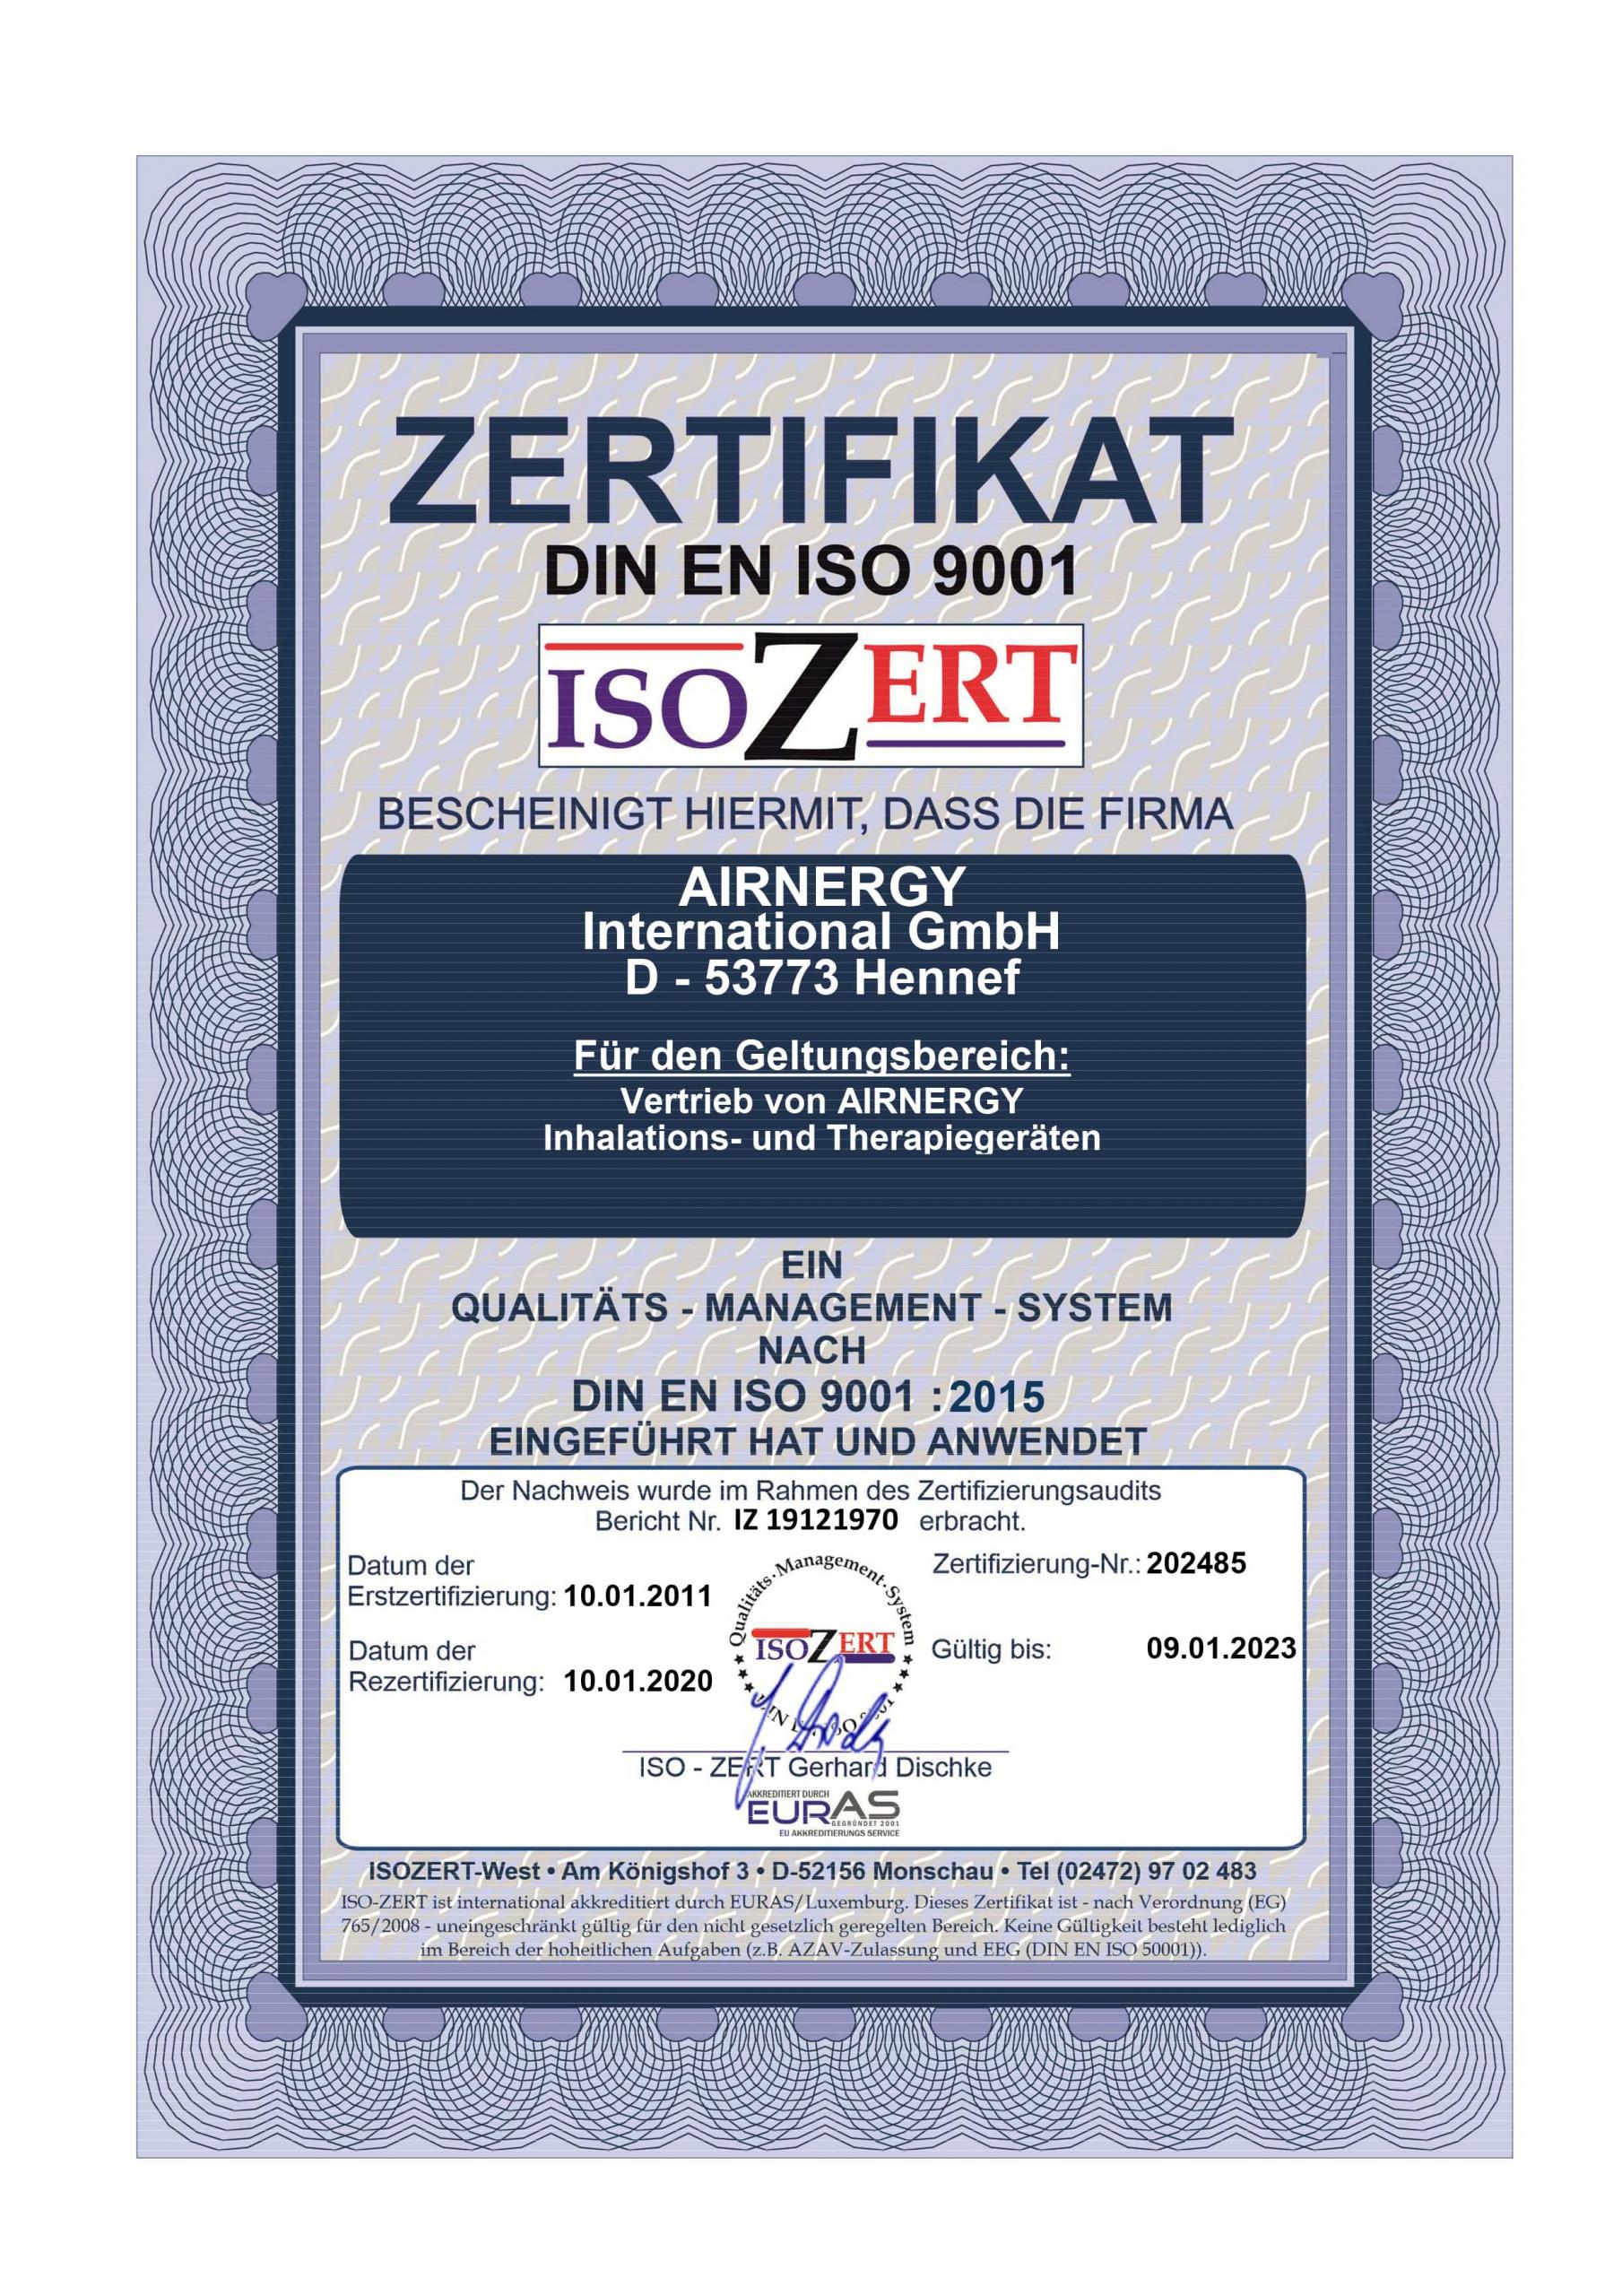 AIRNERGY Zertifikat DIN EN ISO 9001